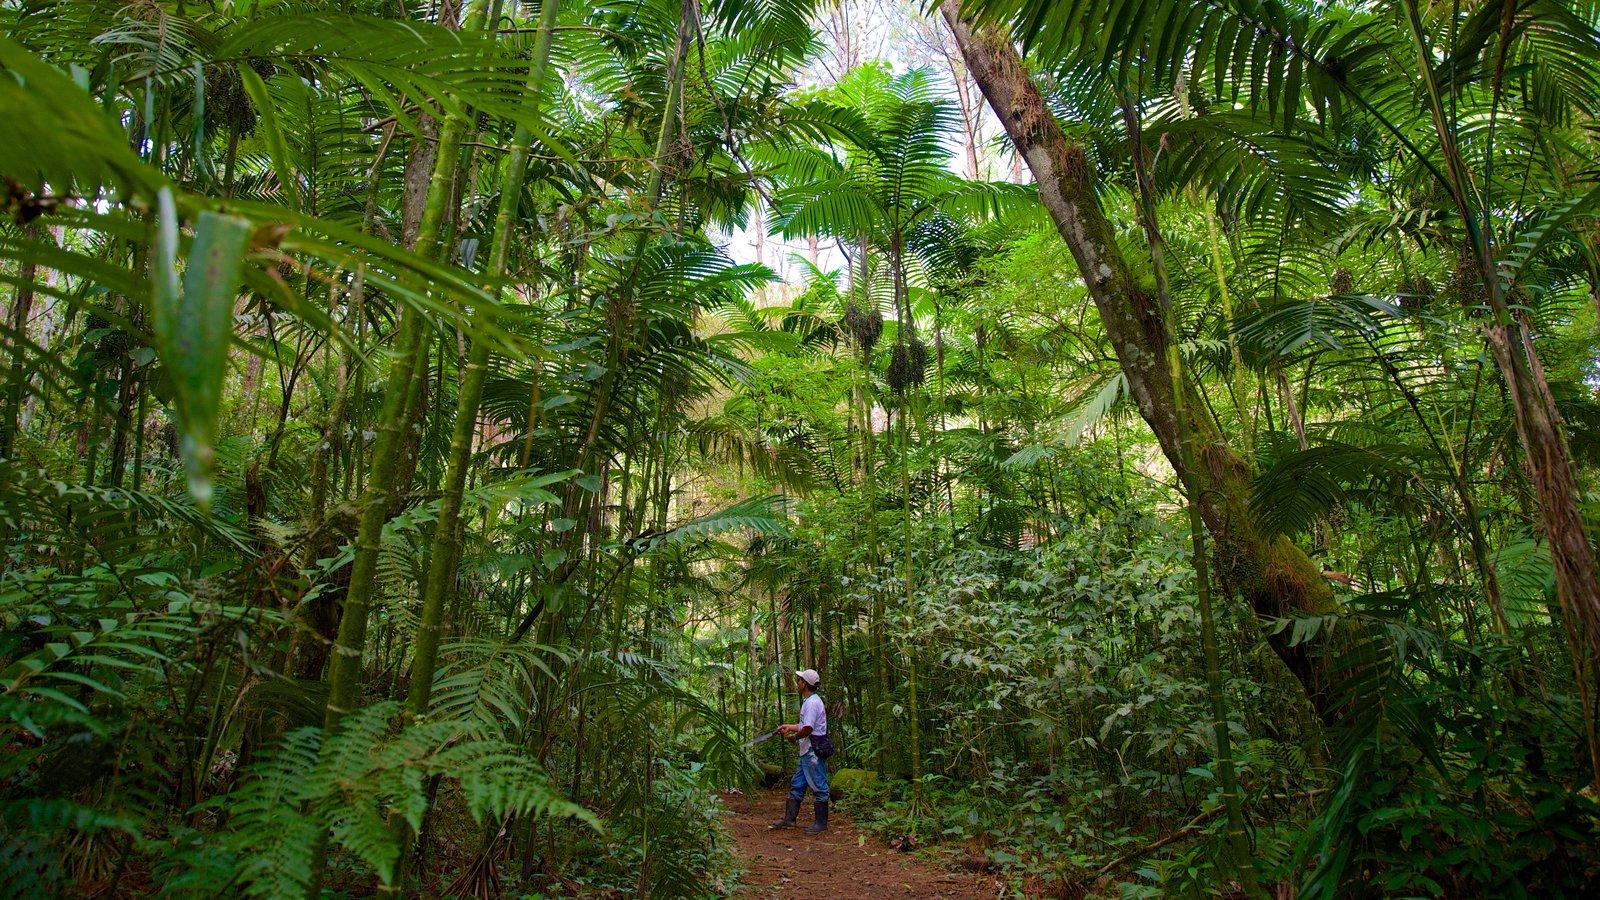 Parque Nacional Las Victorias que incluye selva y también un hombre